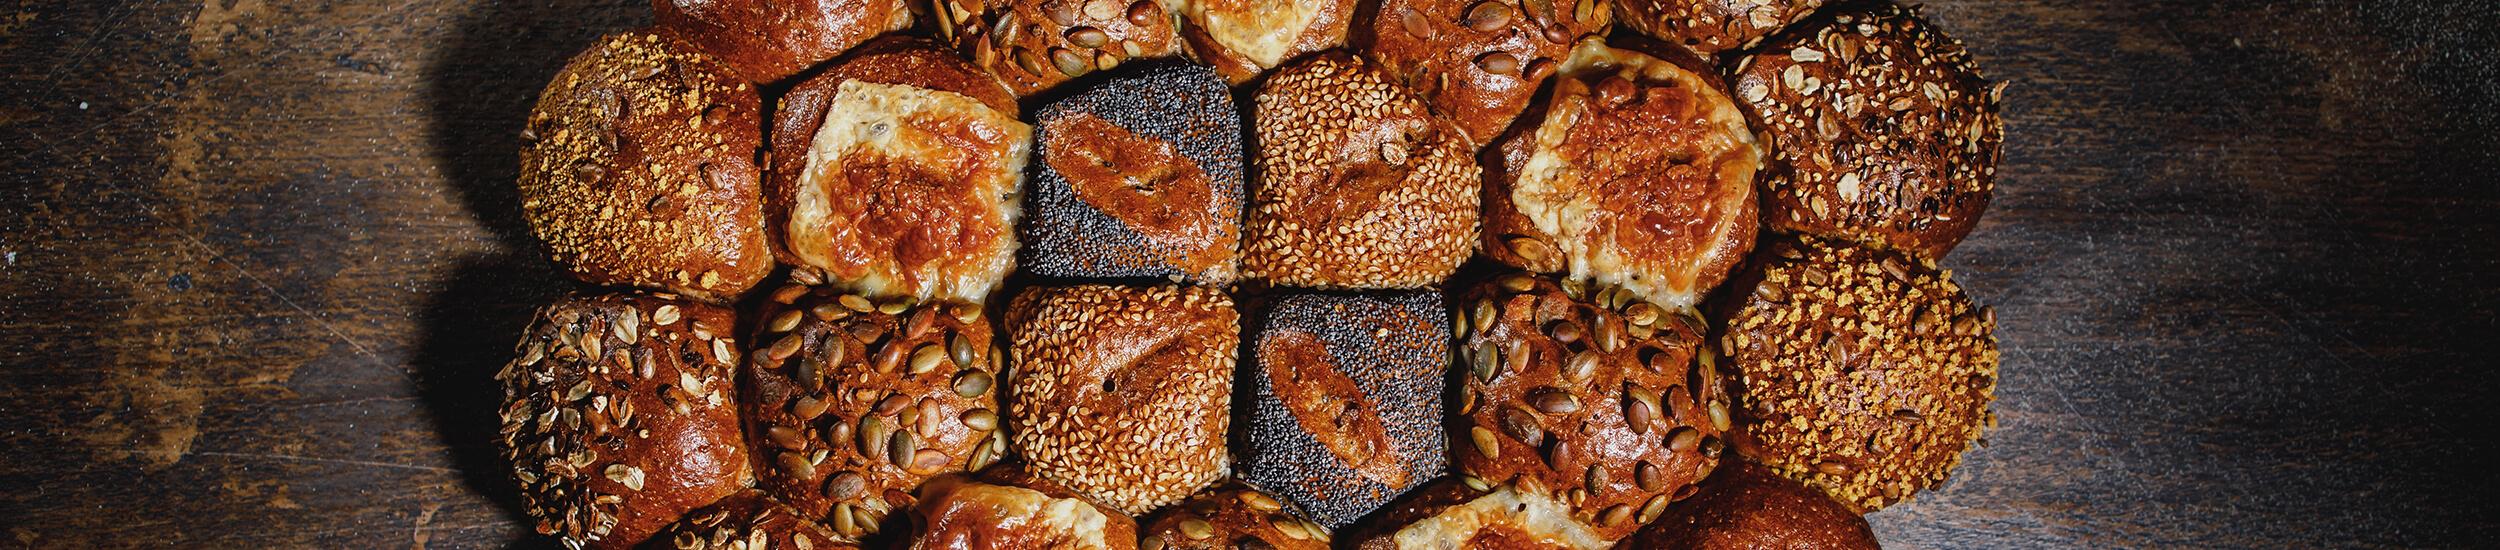 Bäckerei Illgen - Partygebäck